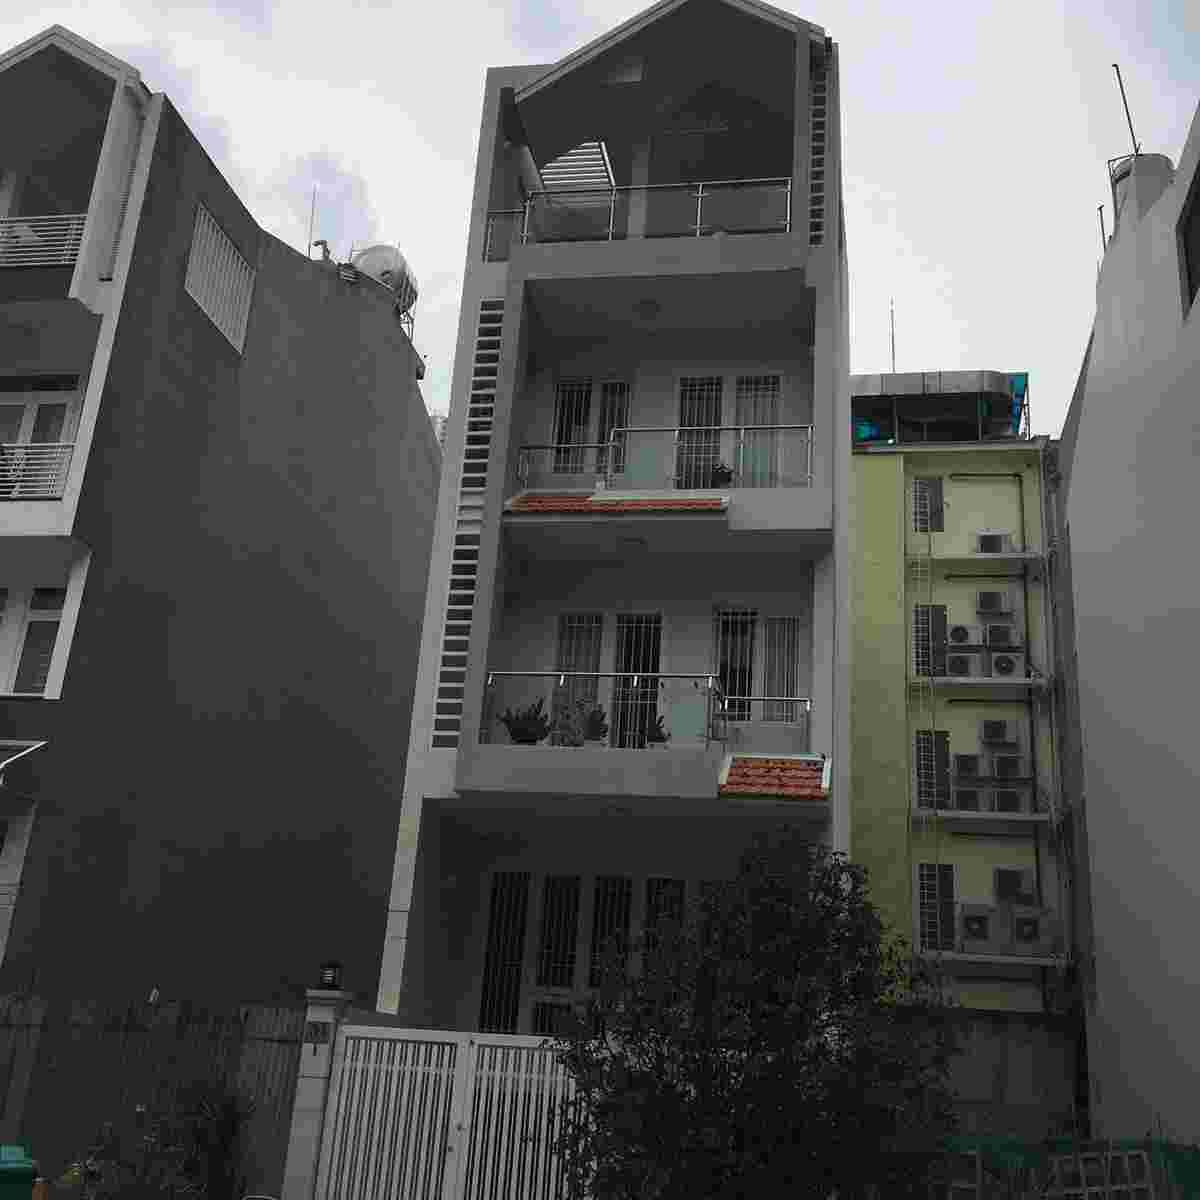 Bán đất nhà phố khu Him Lam Kênh Tẻ đường số 14, giá 152 triêu/m2, vị trí đẹp, 100m2. LH: 0913.050.053  Mr Huynh.